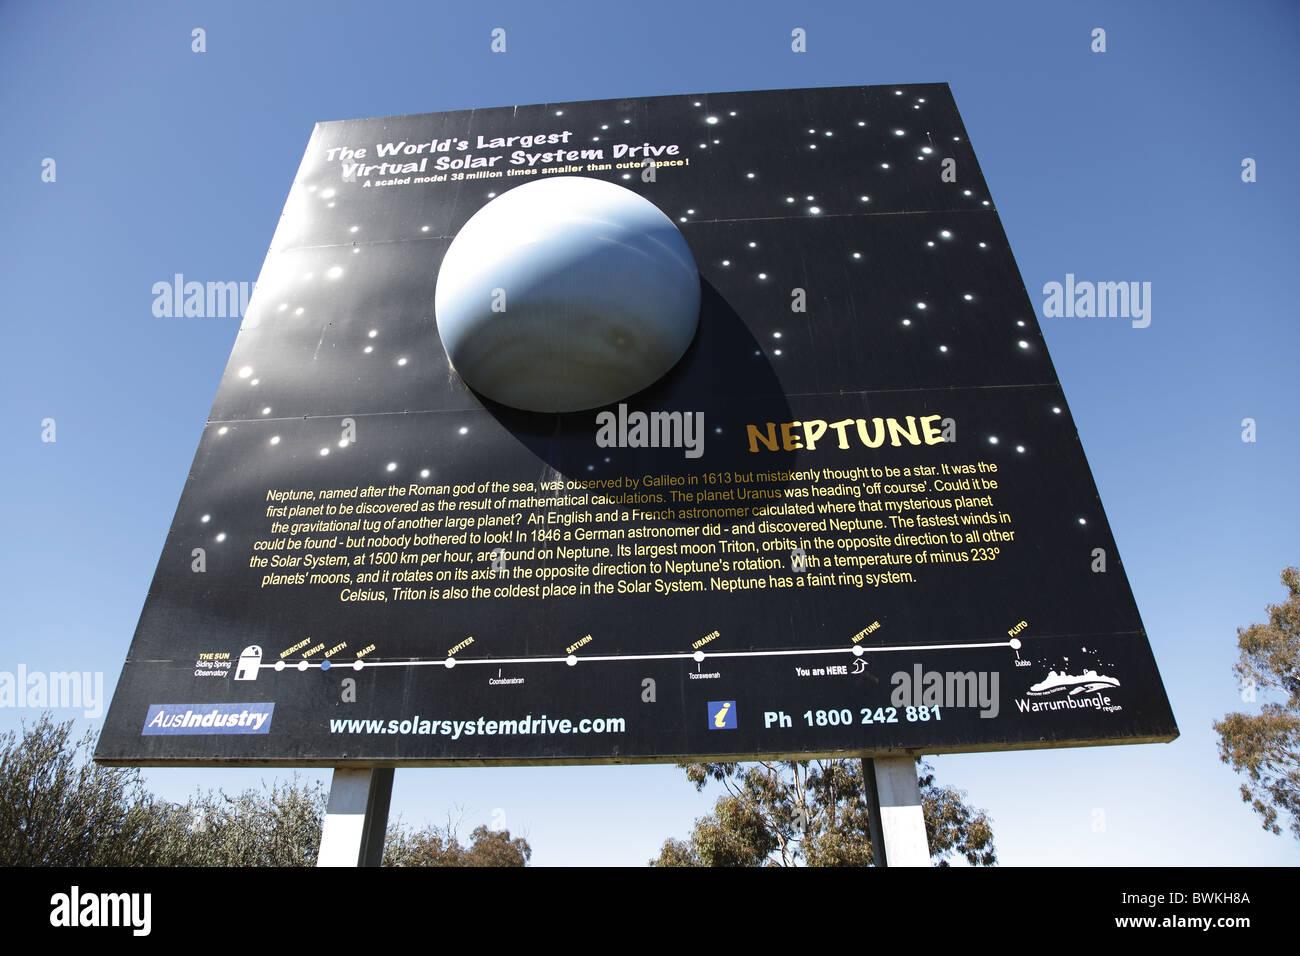 L'Australie, Nouvelle Galles du Sud, à Coonabarabran, Virtual Système Solaire, modèle de la planète Photo Stock